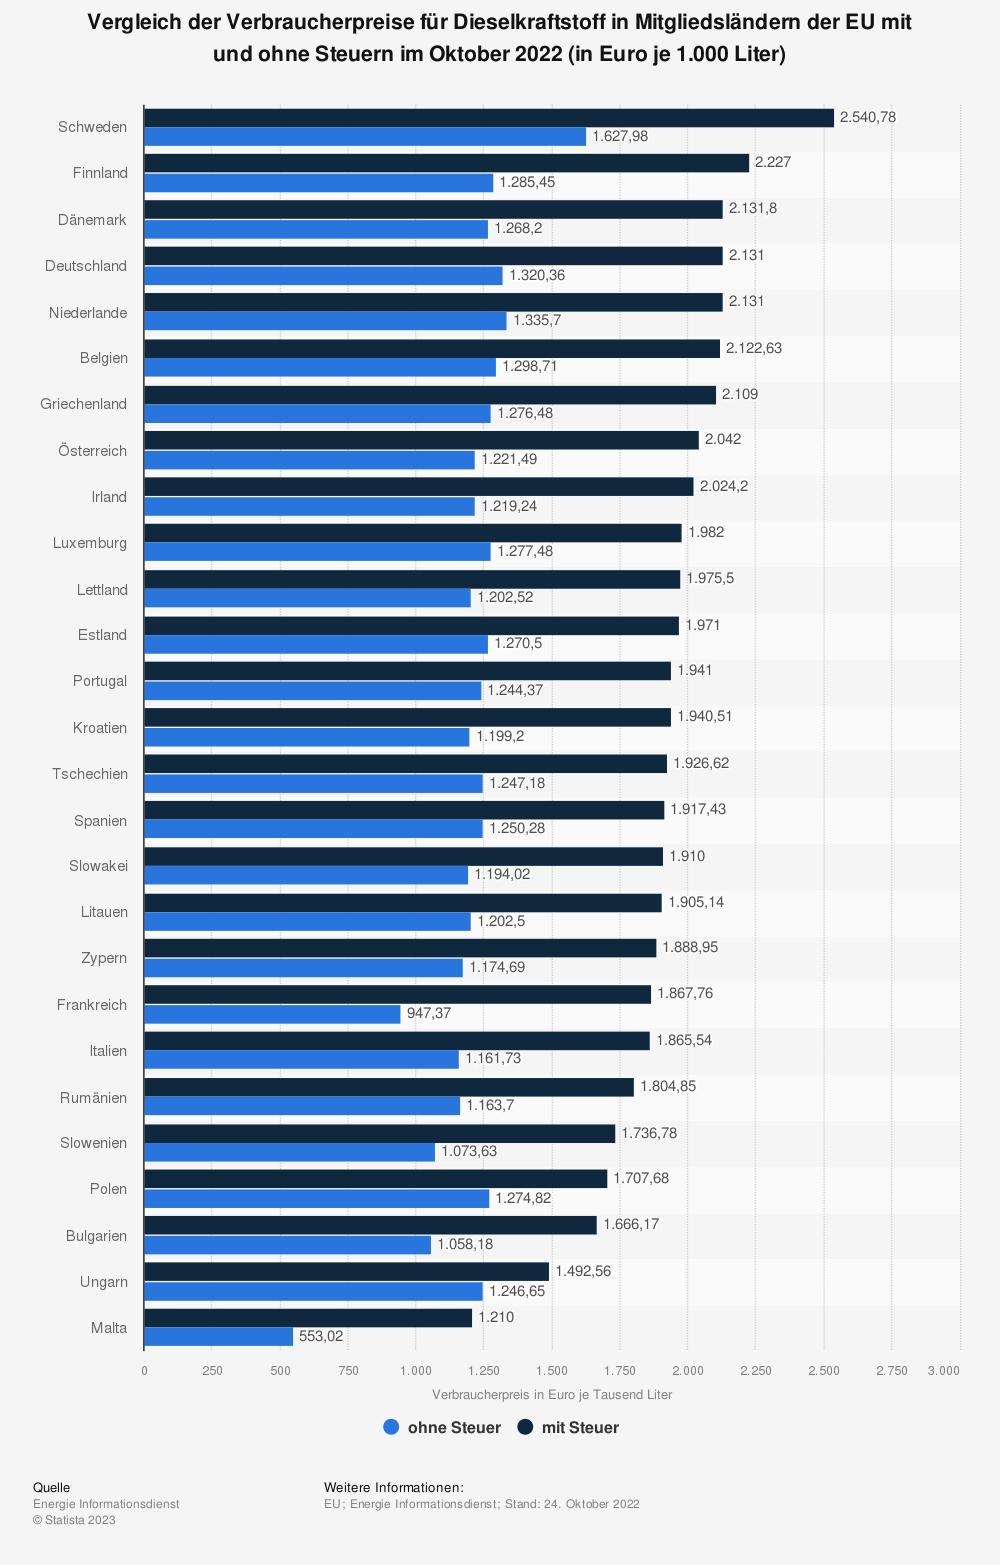 Statistik: Vergleich der Verbraucherpreise für Dieselkraftstoff in ausgewählten Ländern der EU mit und ohne Steuern im Mai 2018 (in Euro je 1.000 Liter) | Statista